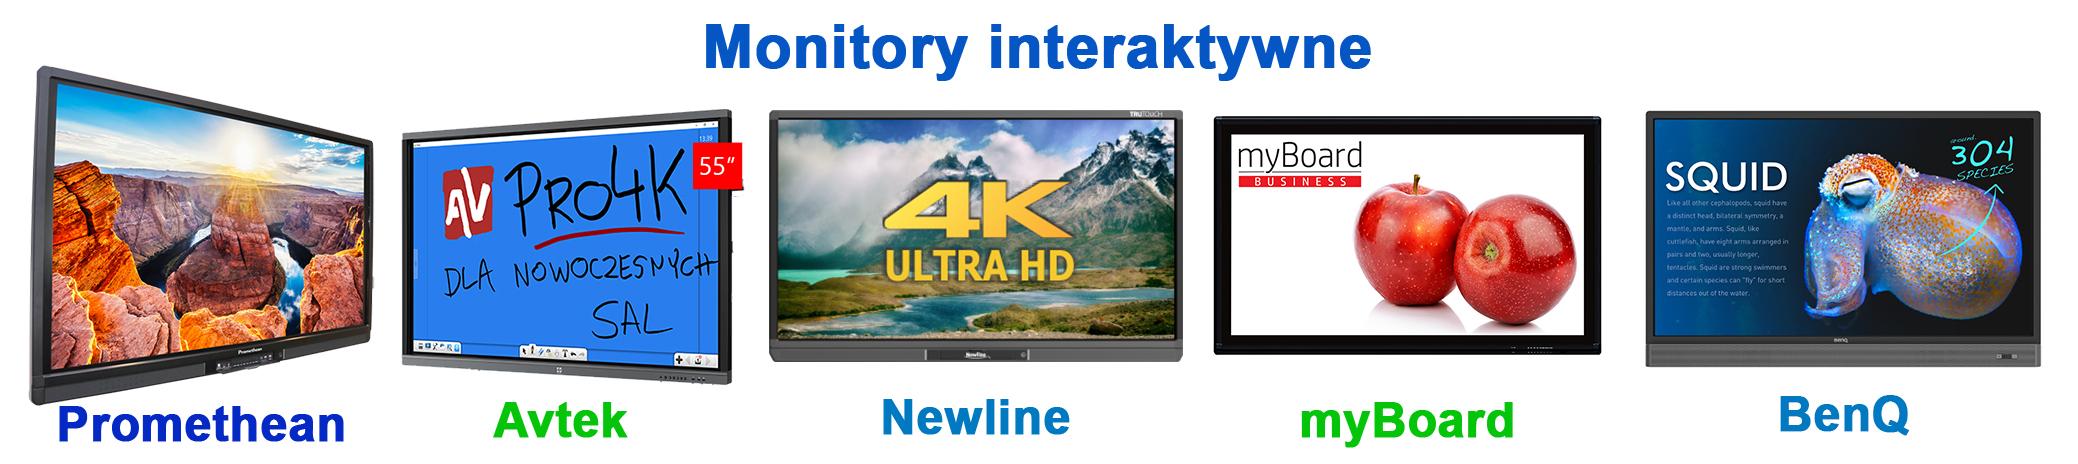 monitory-interaktywne